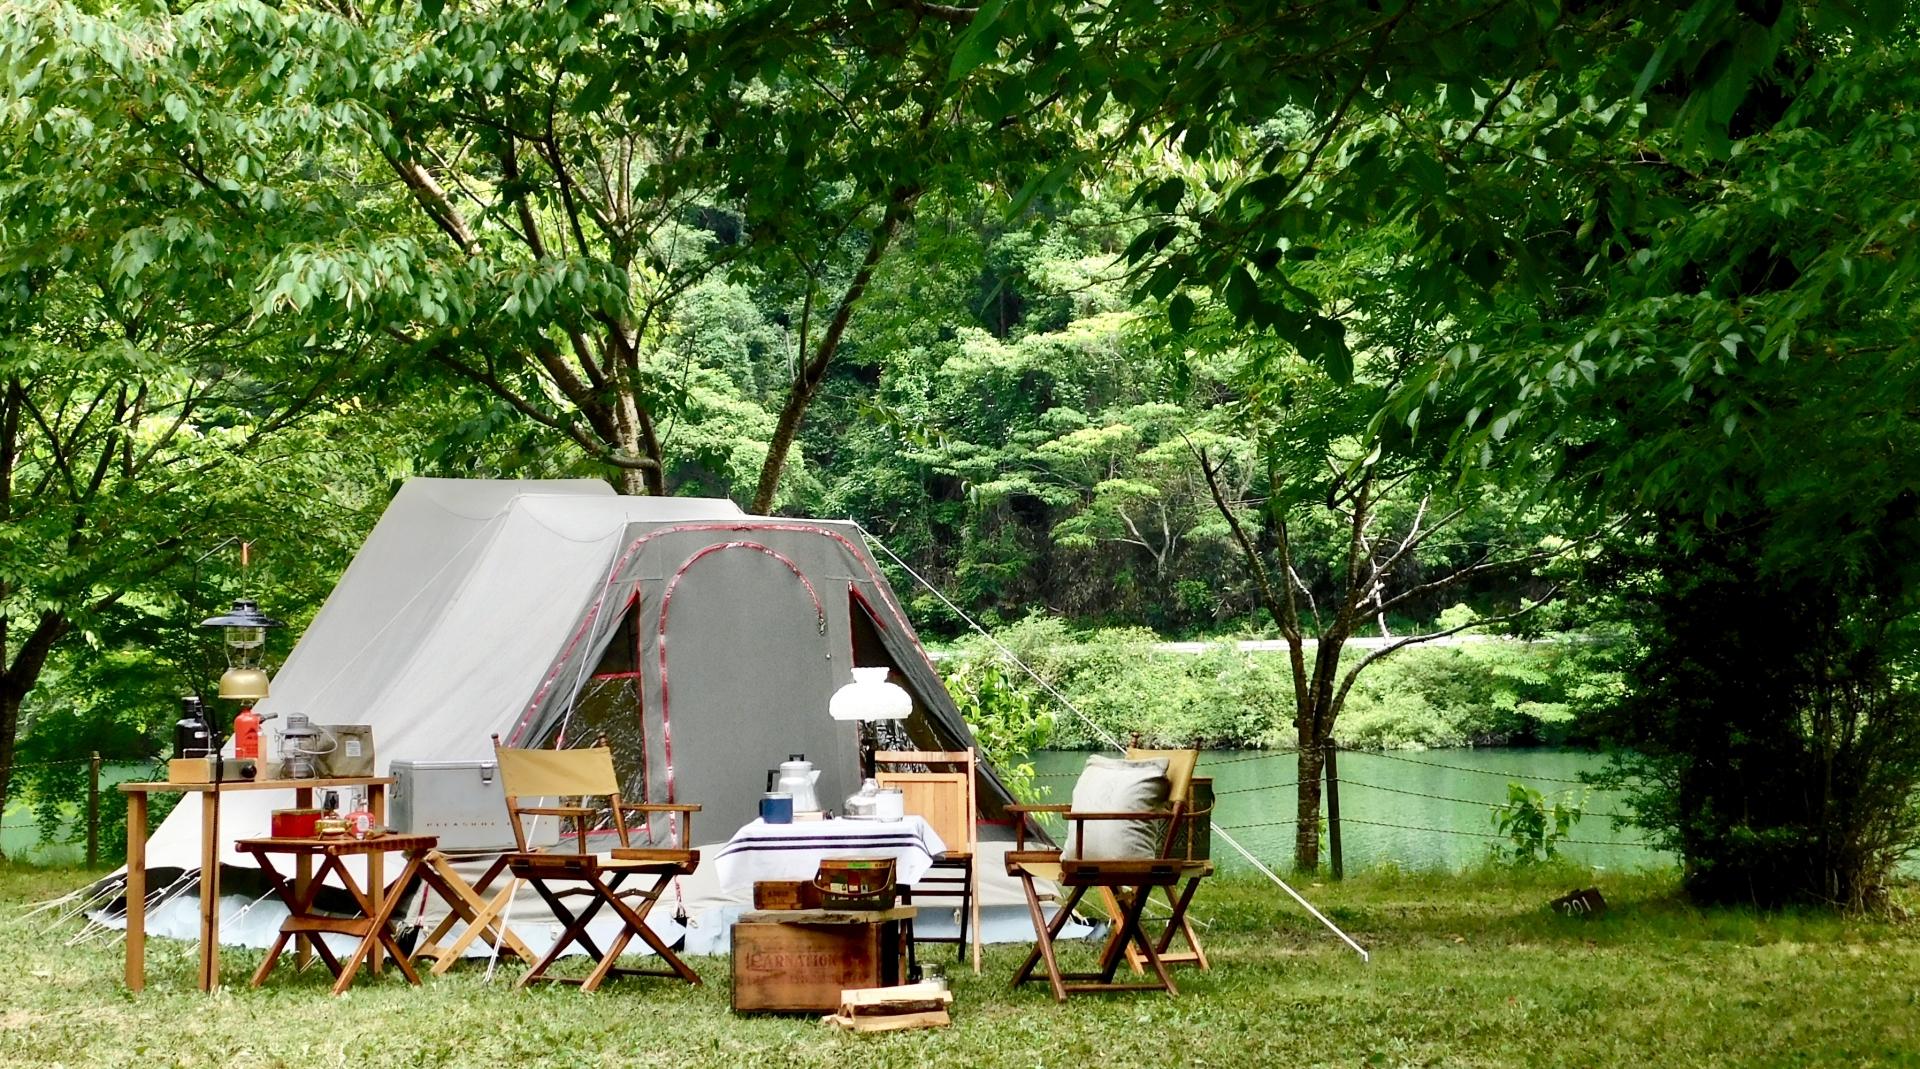 【関東近郊】予約不要のおすすめキャンプ場9選!無料の施設も多数!